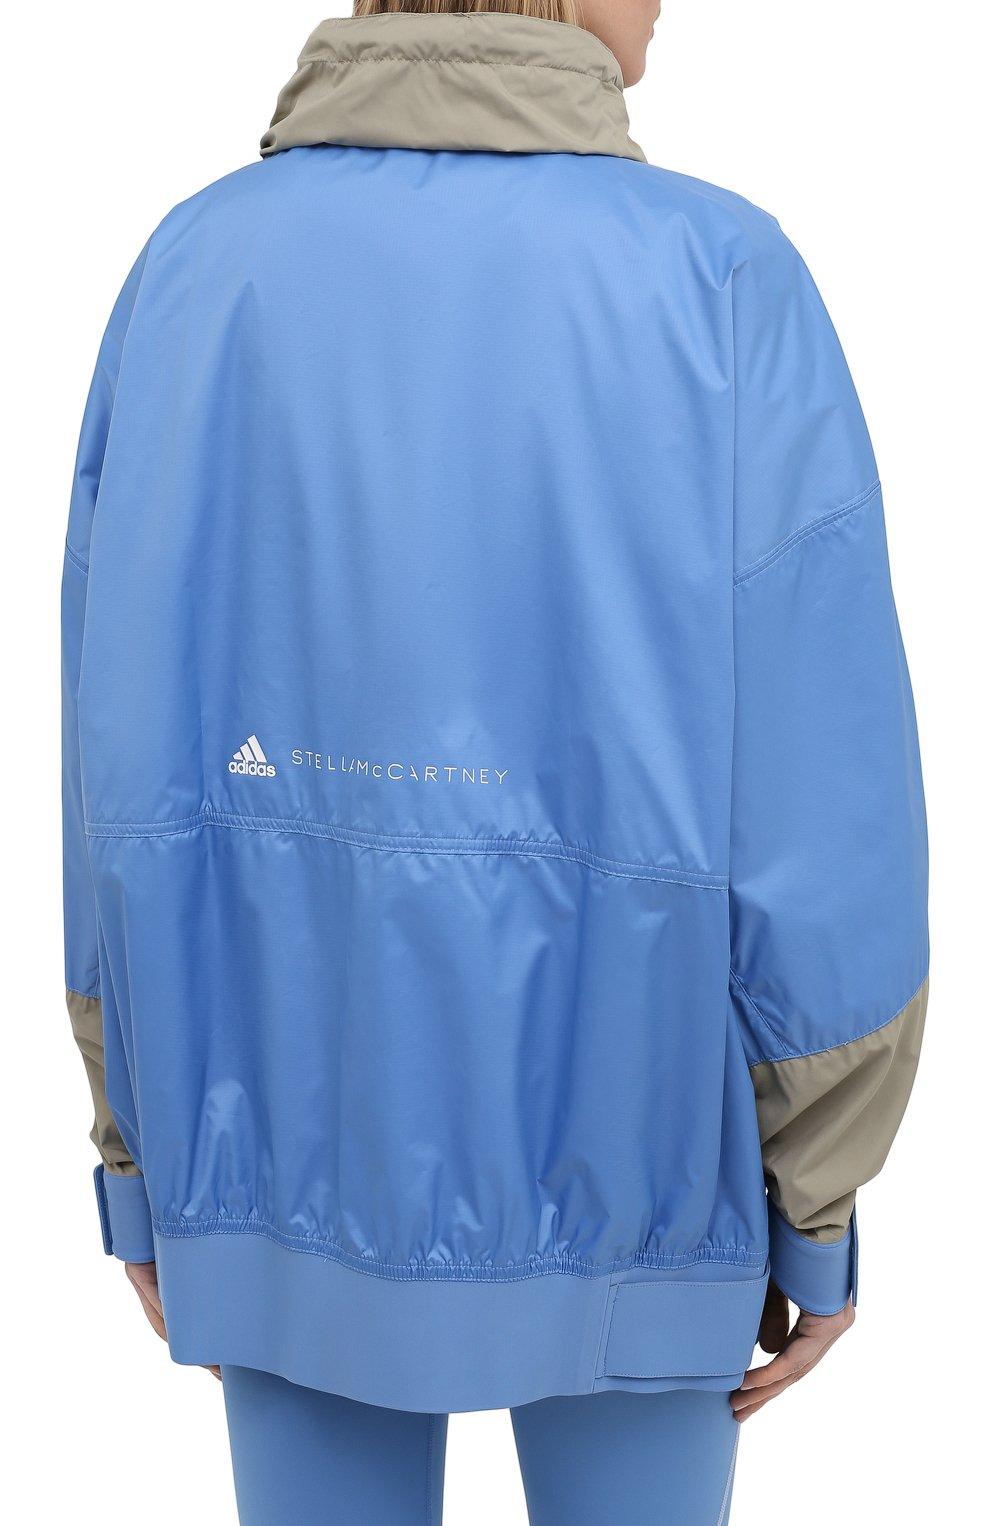 Женская ветровка ADIDAS BY STELLA MCCARTNEY голубого цвета, арт. GL7332 | Фото 4 (Кросс-КТ: Куртка, Ветровка; Рукава: Длинные; Женское Кросс-КТ: Куртка-спорт; Длина (верхняя одежда): До середины бедра; Материал внешний: Синтетический материал; Стили: Спорт-шик)